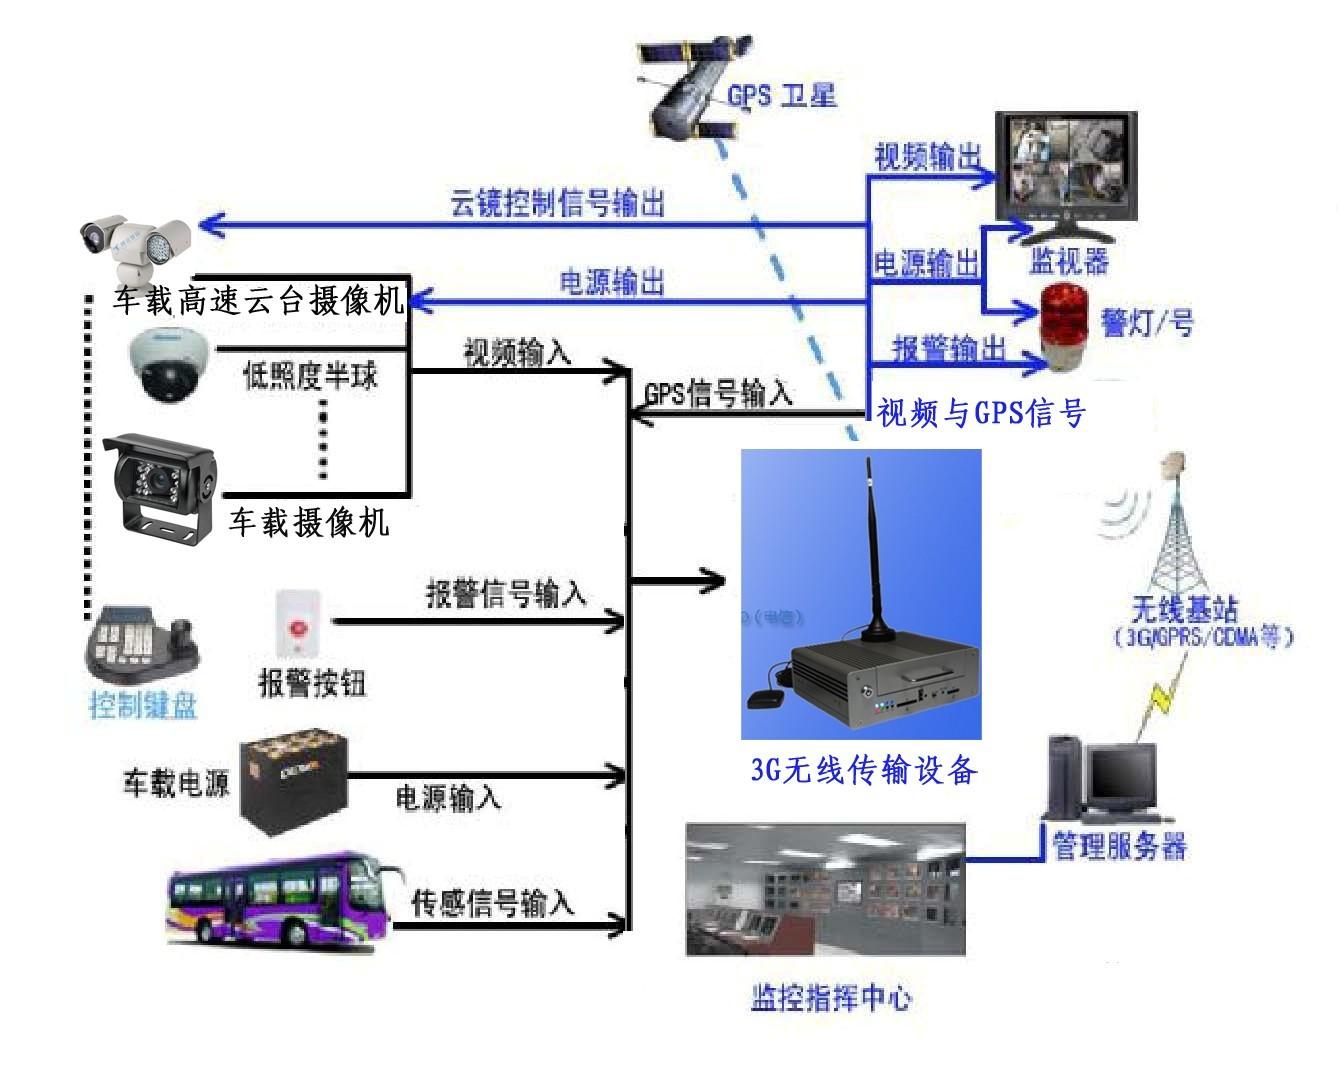 三:产品功能特点 系统总体方案:可以看出系统主要由以下三部分组成: 1 车载机监控录像部分 2 网络数据传输部分 3 集中管理中心部分 系统结构简洁明了,扩展性好,能适应多变的监控要求。它不但有本地监看、录象,还能无线传输和支持GPS 定位等丰富功能。车载监控系统的实现: 主要为车辆运行监控、录像、无线数据发送,交通事故取证等。 摄像部分 摄像部分是电视监控系统的前沿部分,是整个系统的眼睛。它布置在被监视场所的某一位置上,使其视场角能覆盖整个被监视的各个部位。对于公交车的,最多 安装4 个摄像机。4 个